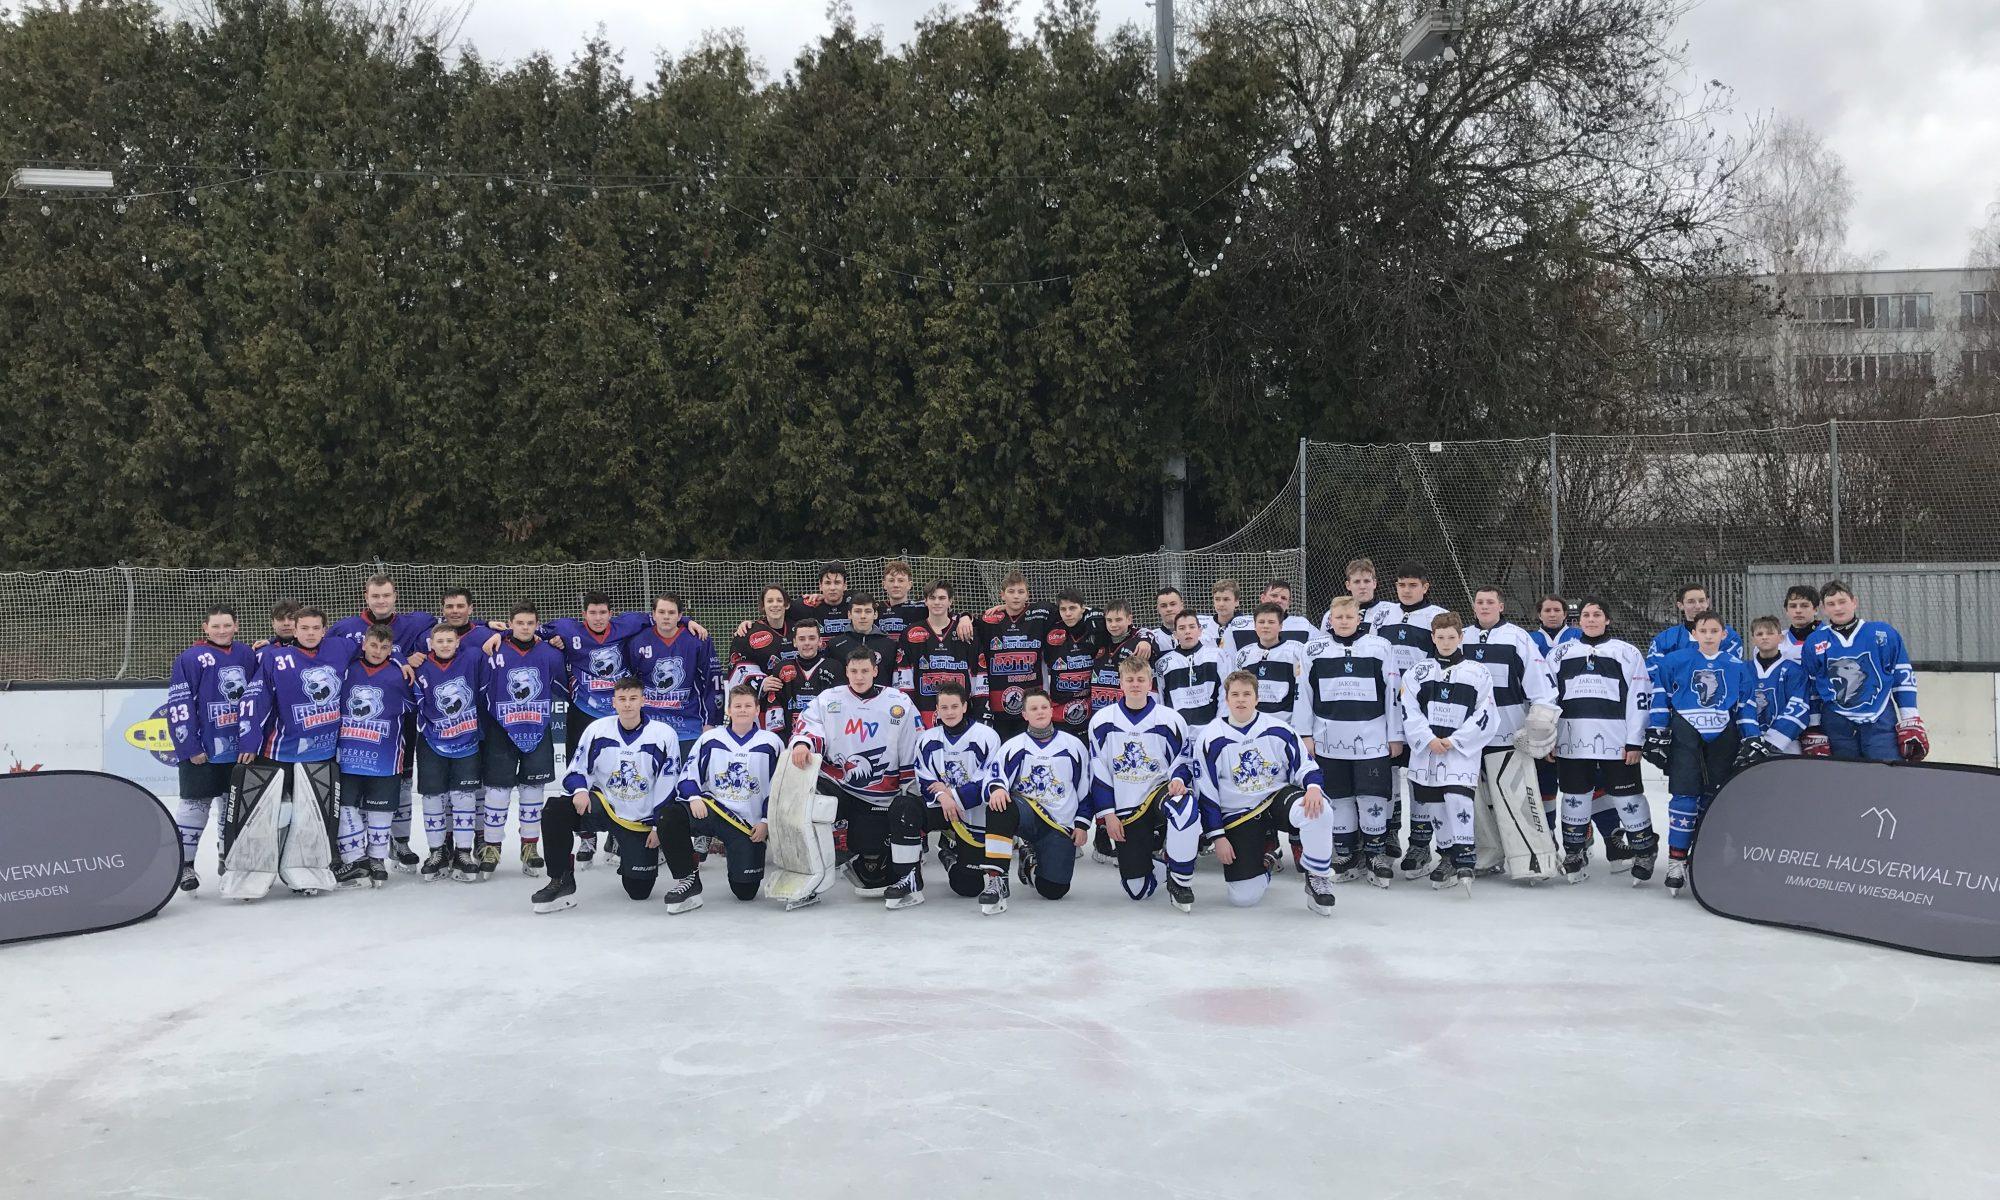 Eishockey-Nachwuchs: Die Mannschaften des U16-Turniers